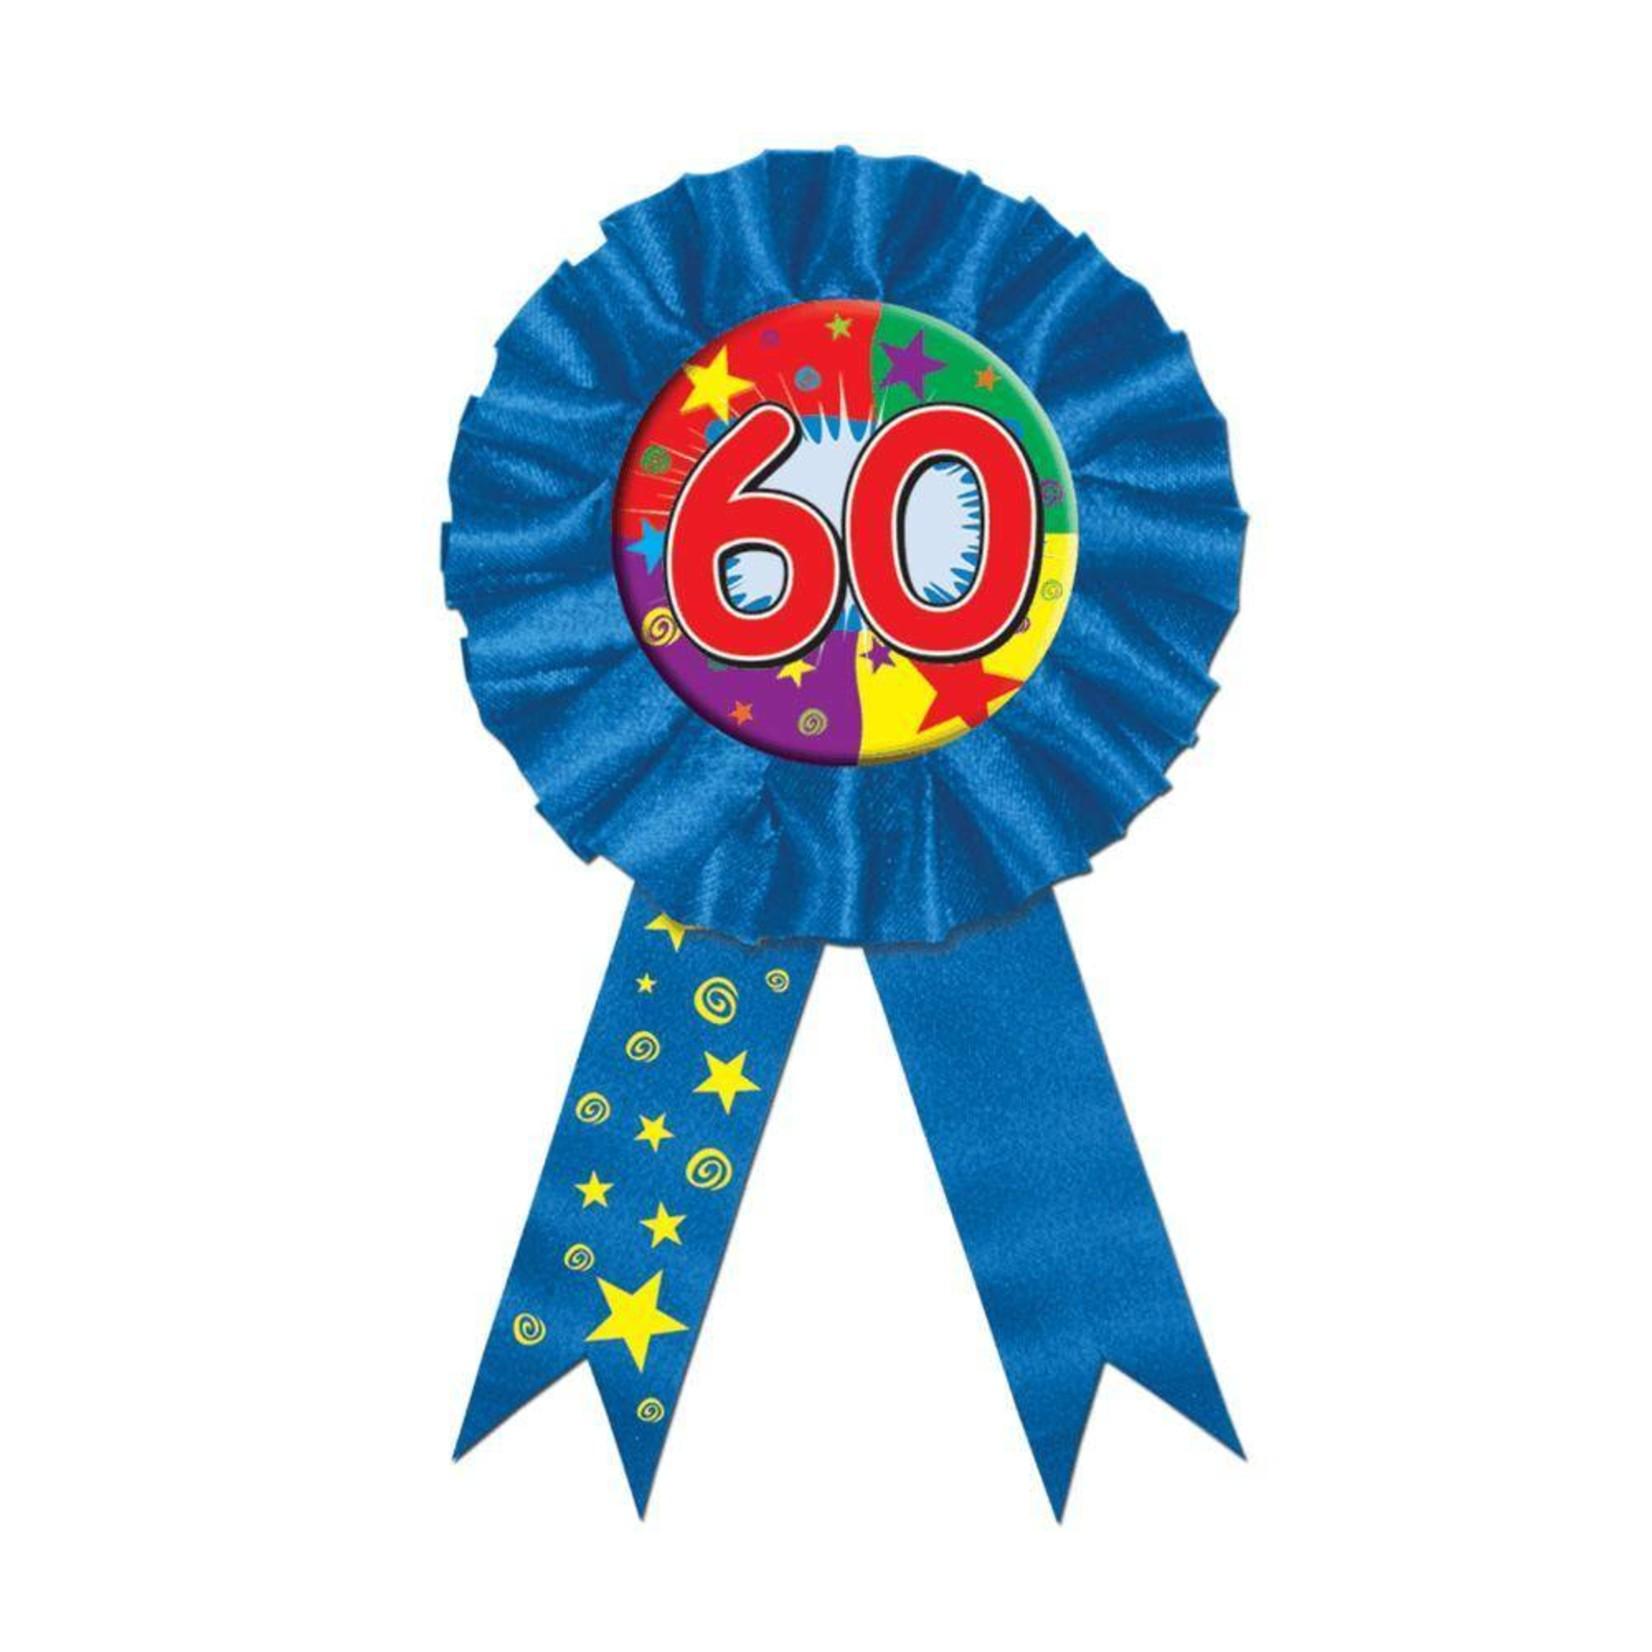 Award Ribbon - 60